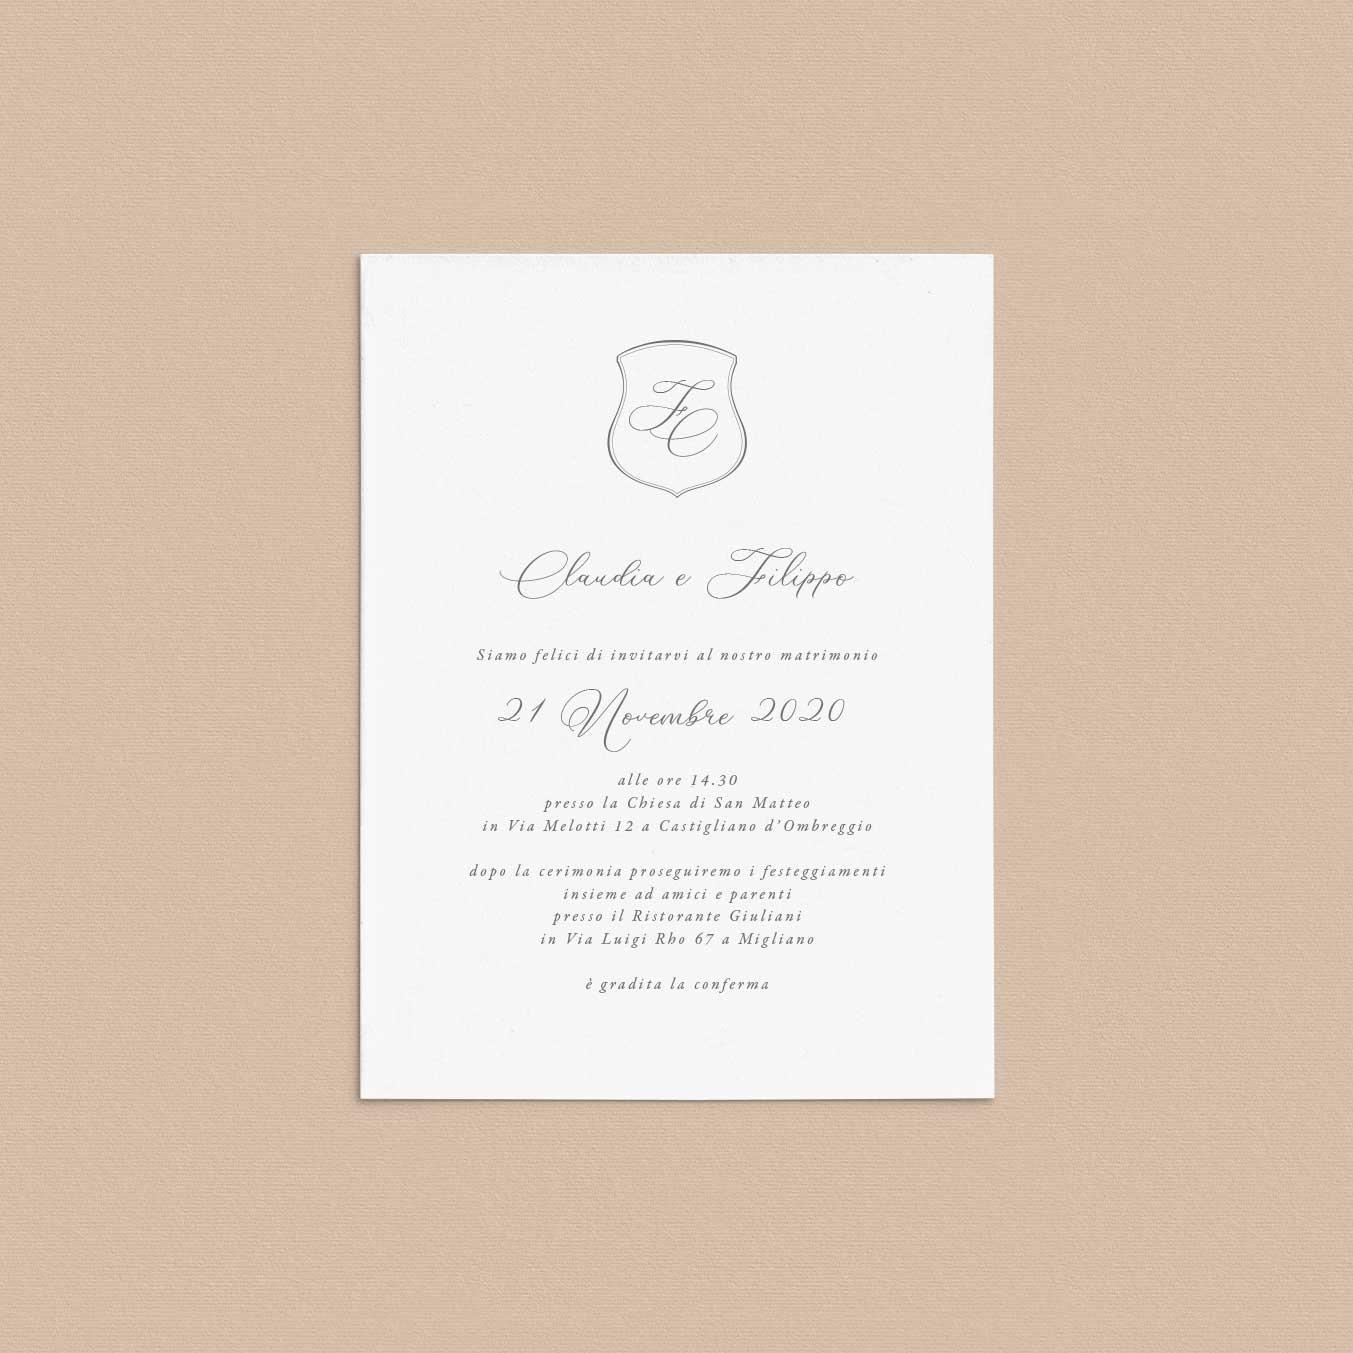 Partecipazioni-inviti-stemma-eleganti-matrimonio-2020-elegante-raffinato-crest-monogramma-monogram-classico